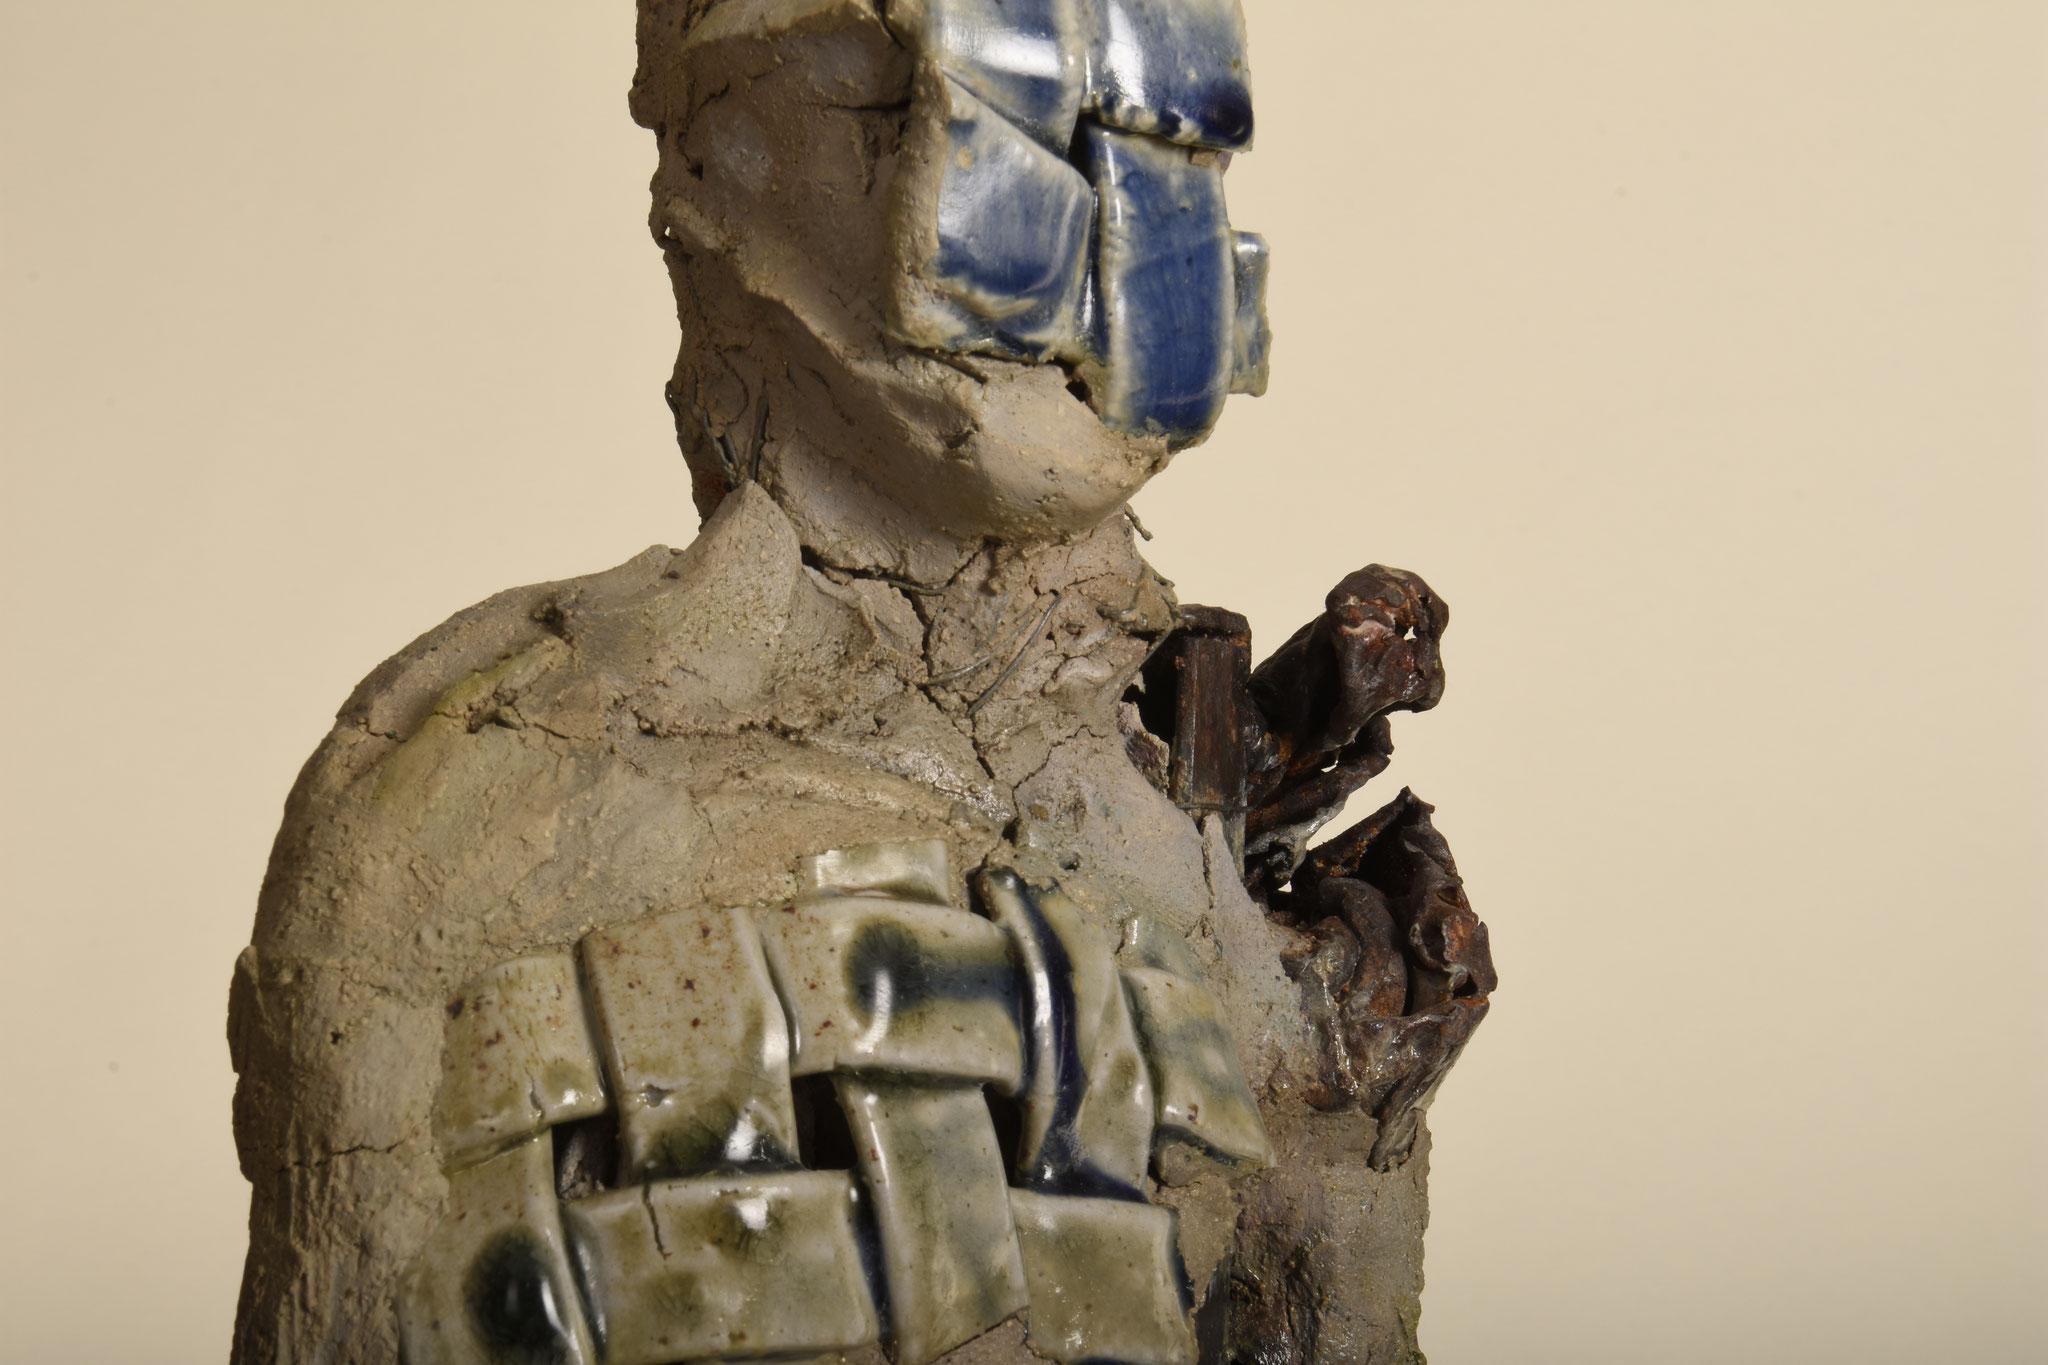 Bluefaced Man  2014  Metall, Ton, glasierte Keramik,  H: 98cm